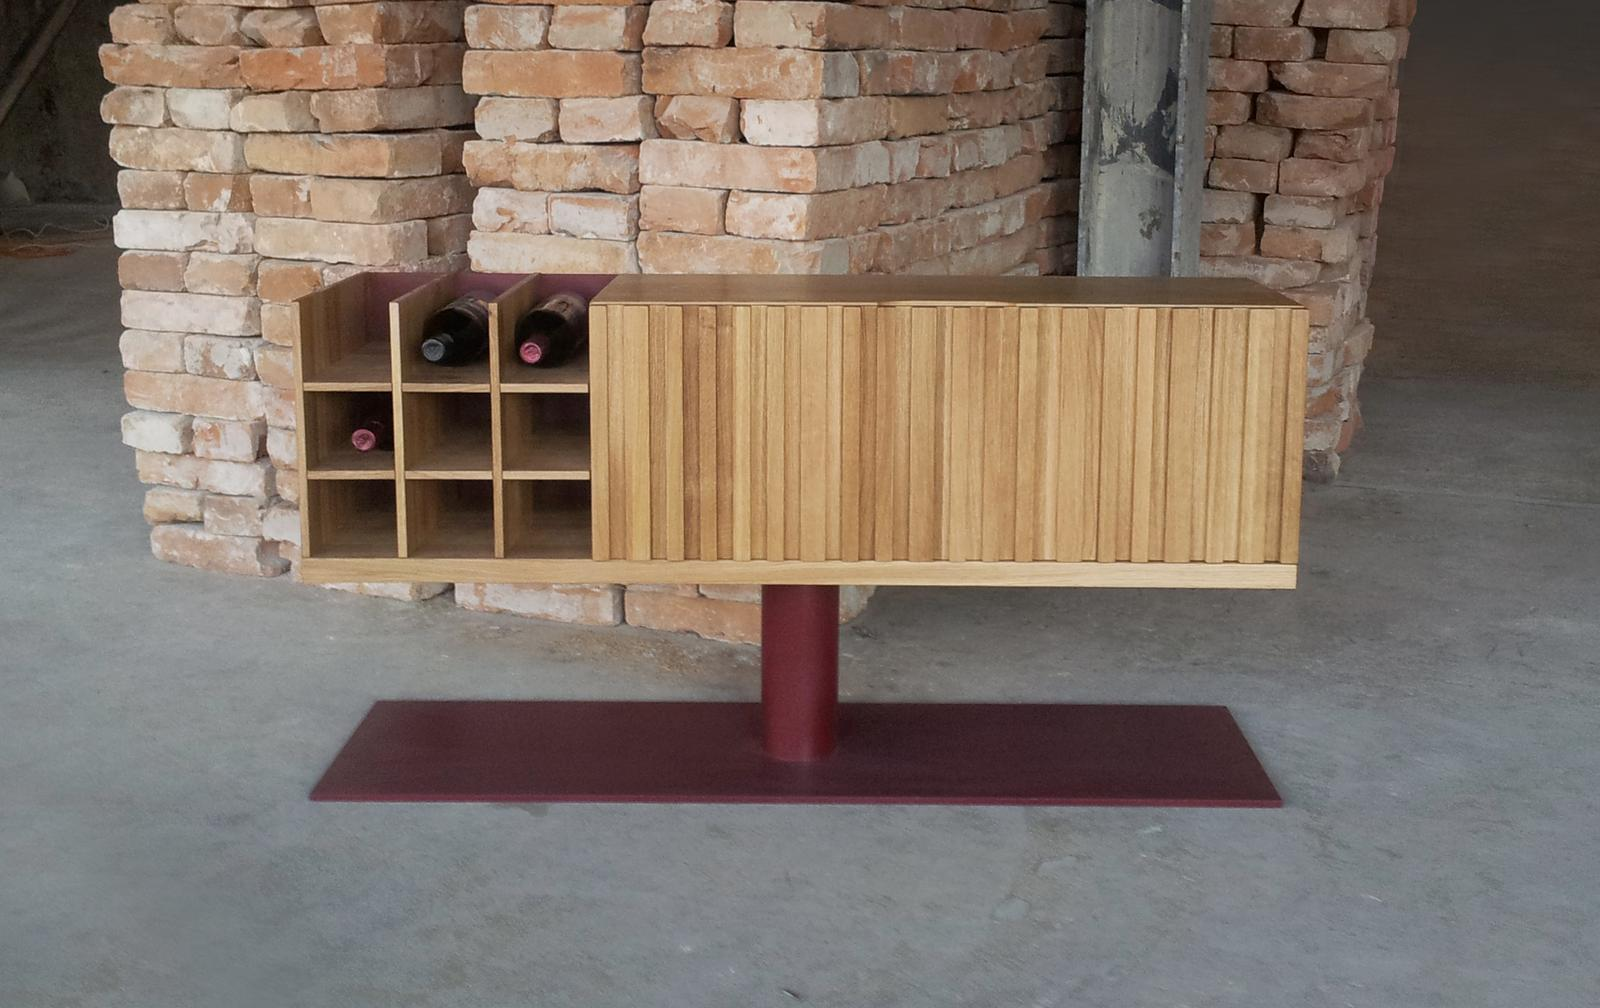 Dizajn a výroba nábytku na mieru Cubica - Skrinka vine box - masívny prírodný dub - dizajn a výroba cubica